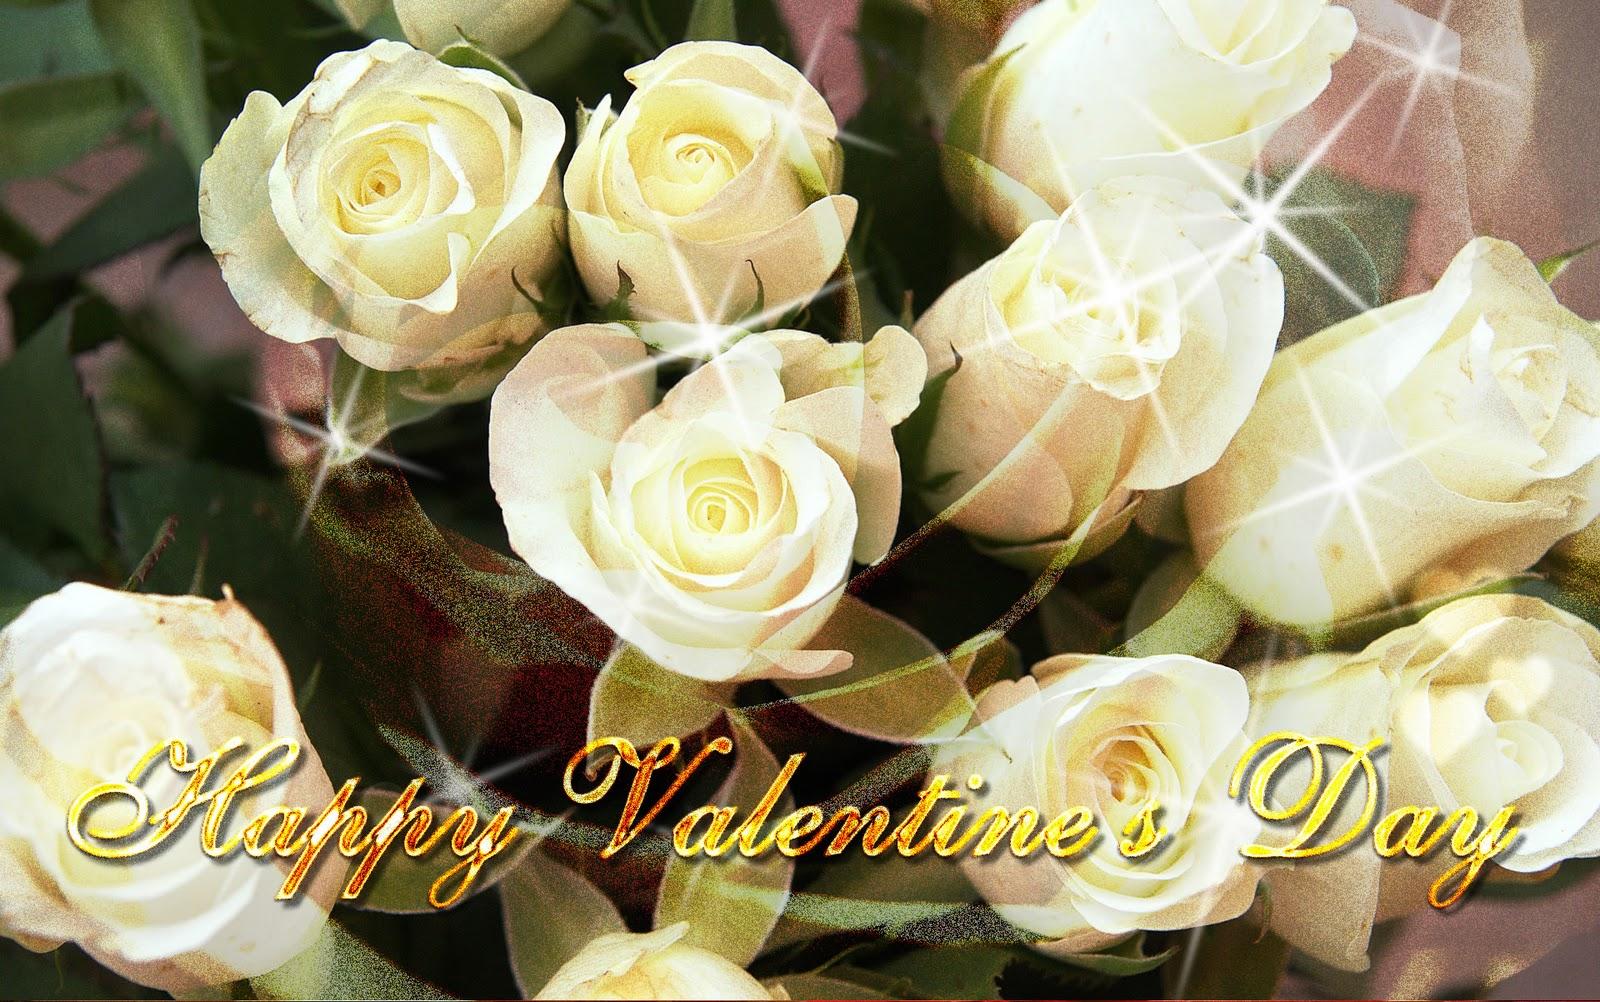 http://1.bp.blogspot.com/-P6qollN03tk/TrREJ-JjRtI/AAAAAAAABUc/V-jCFBrqKAA/s1600/happy-valentine-day-white-rose-wallpaper-glitter.jpg